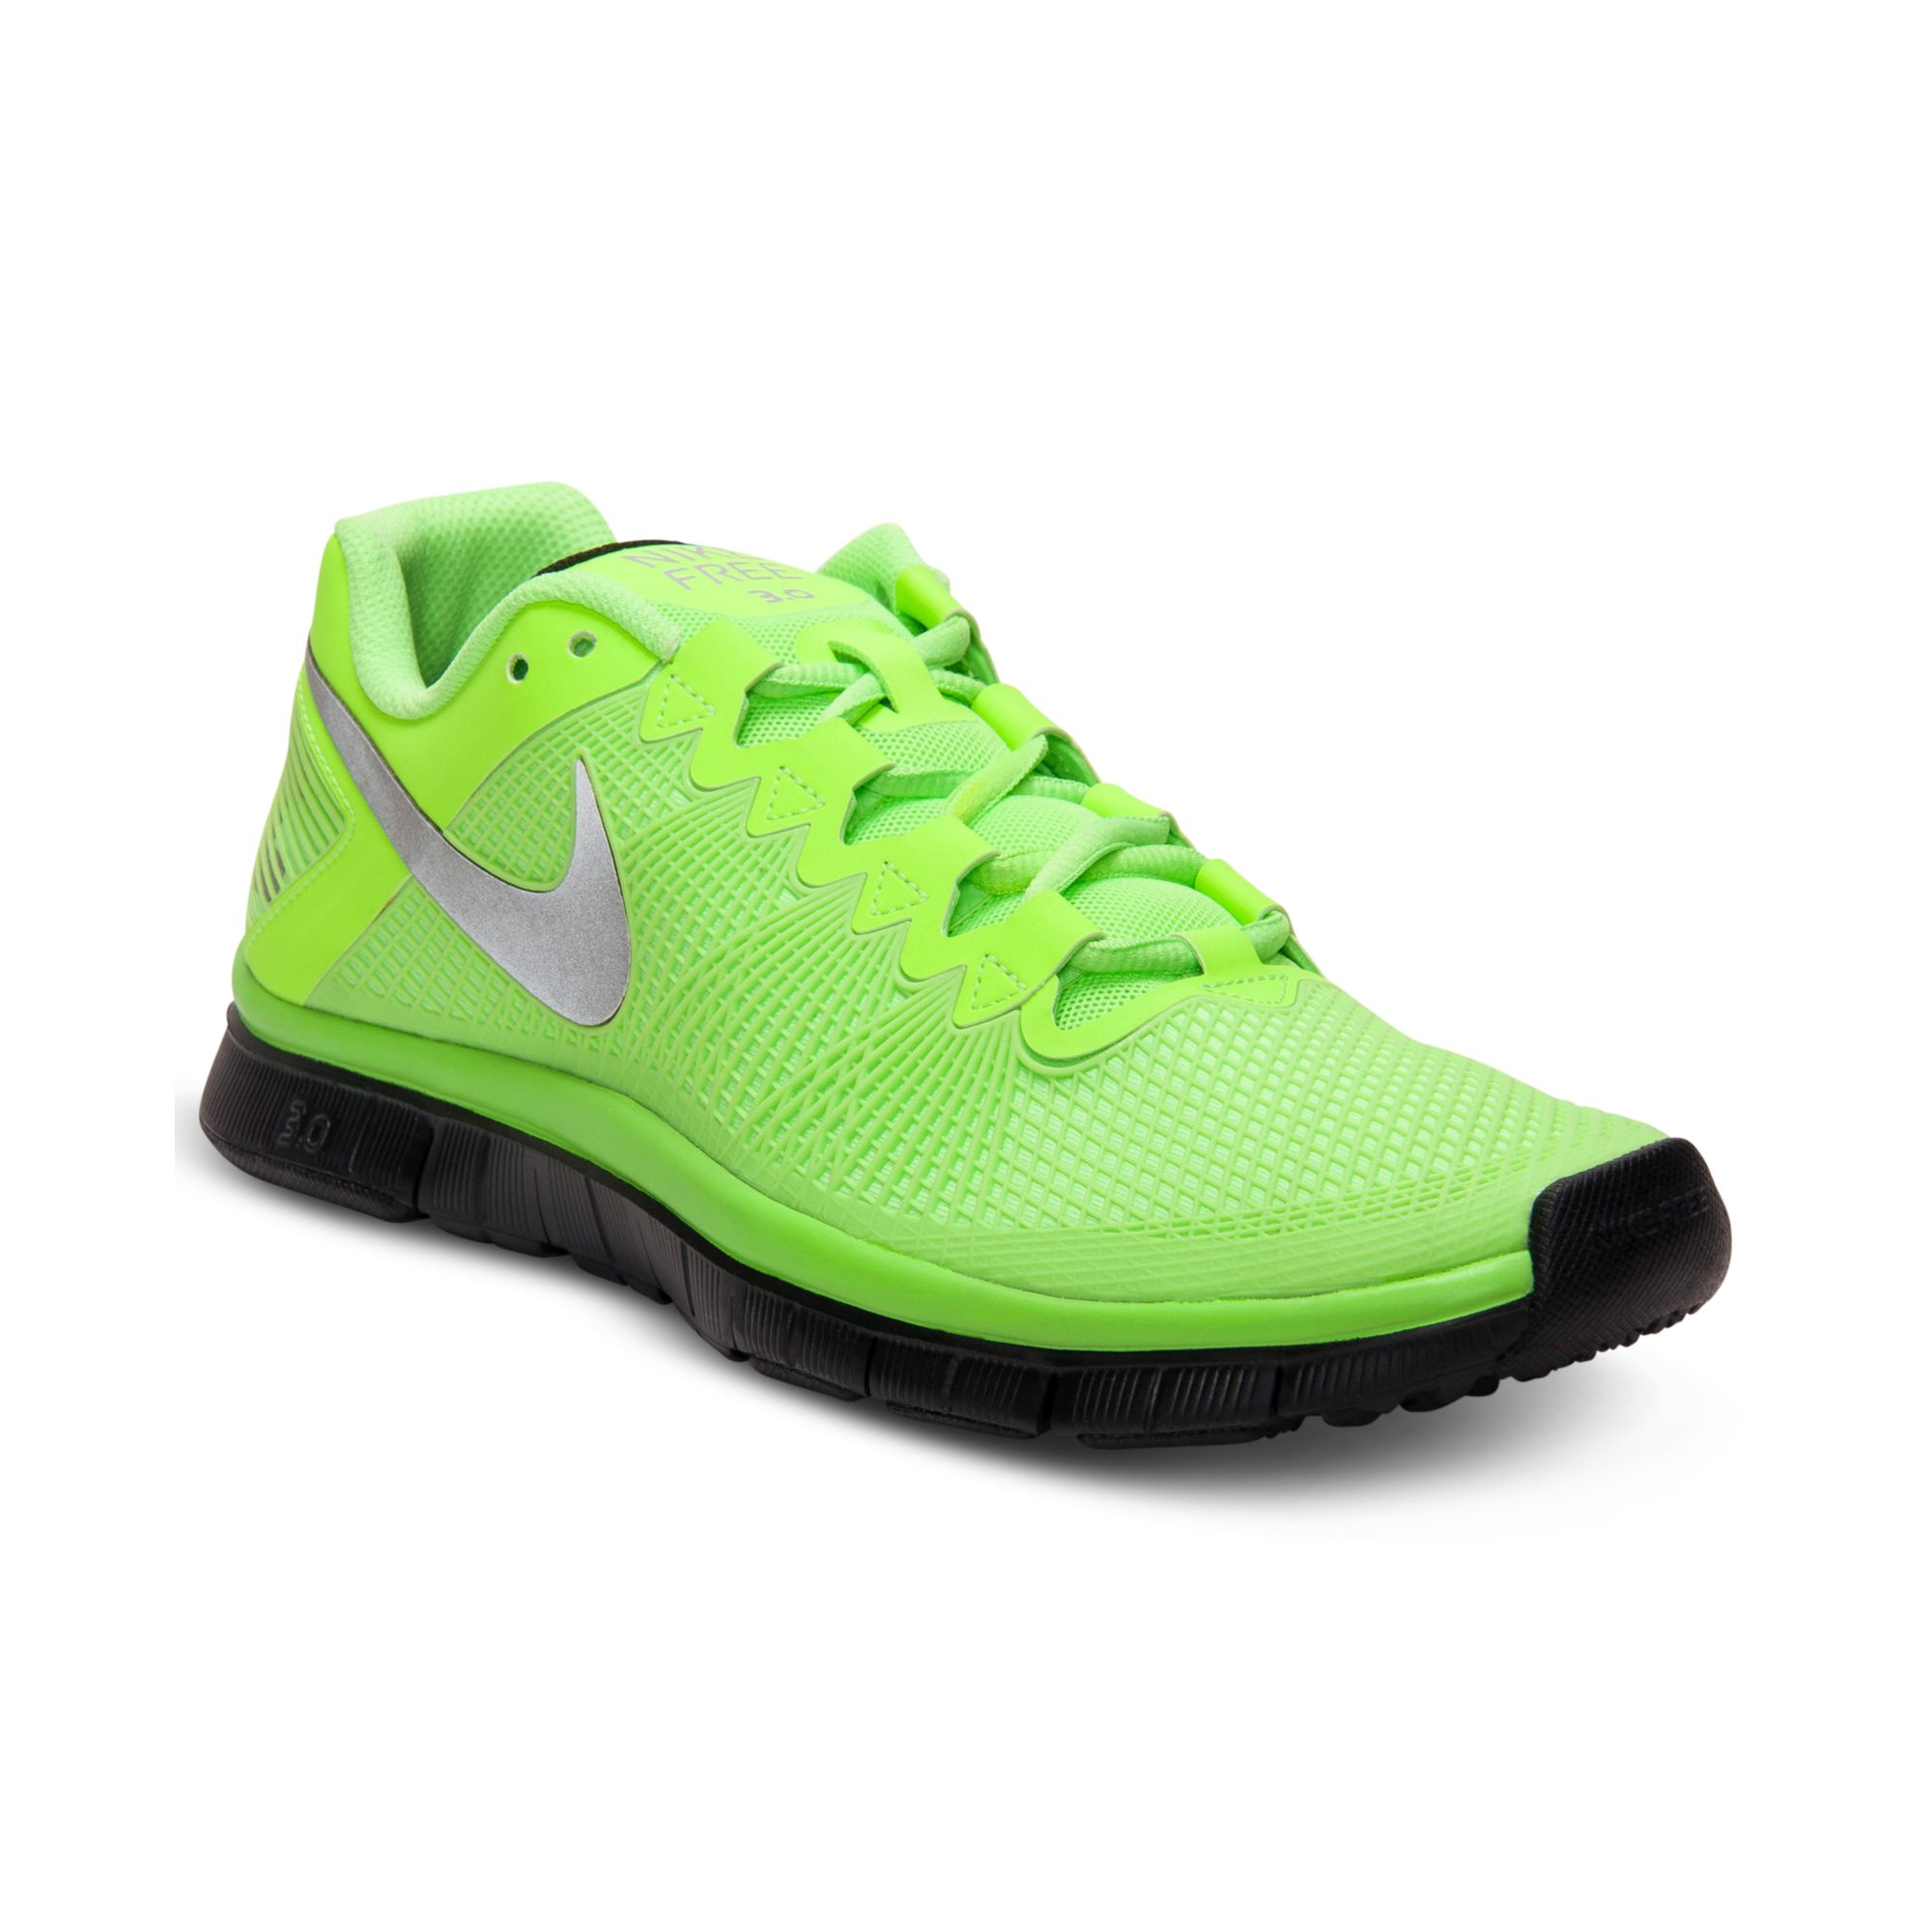 Nike Training Shoes 2013 nike-limesilverblack-free-